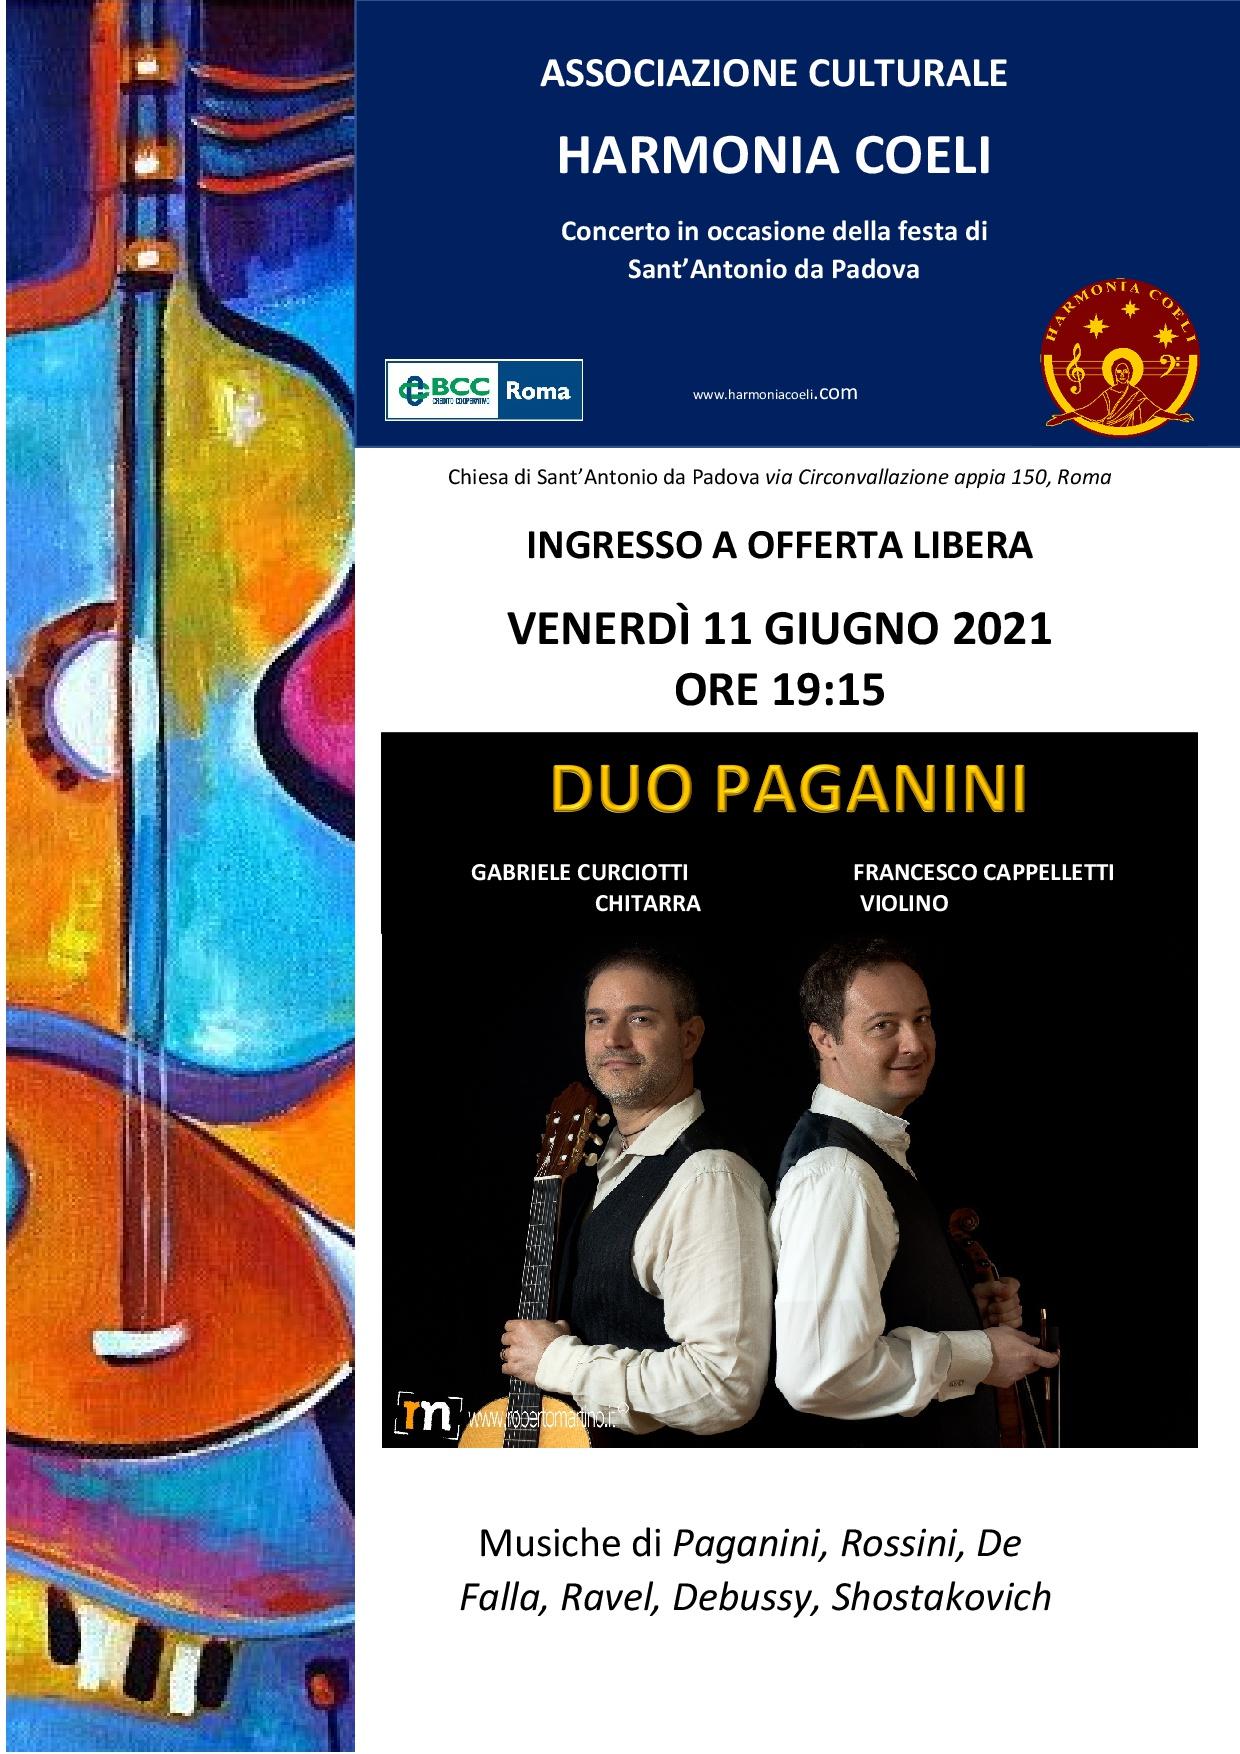 Concerto 12 Giugno 2021 Duo Paganini-001